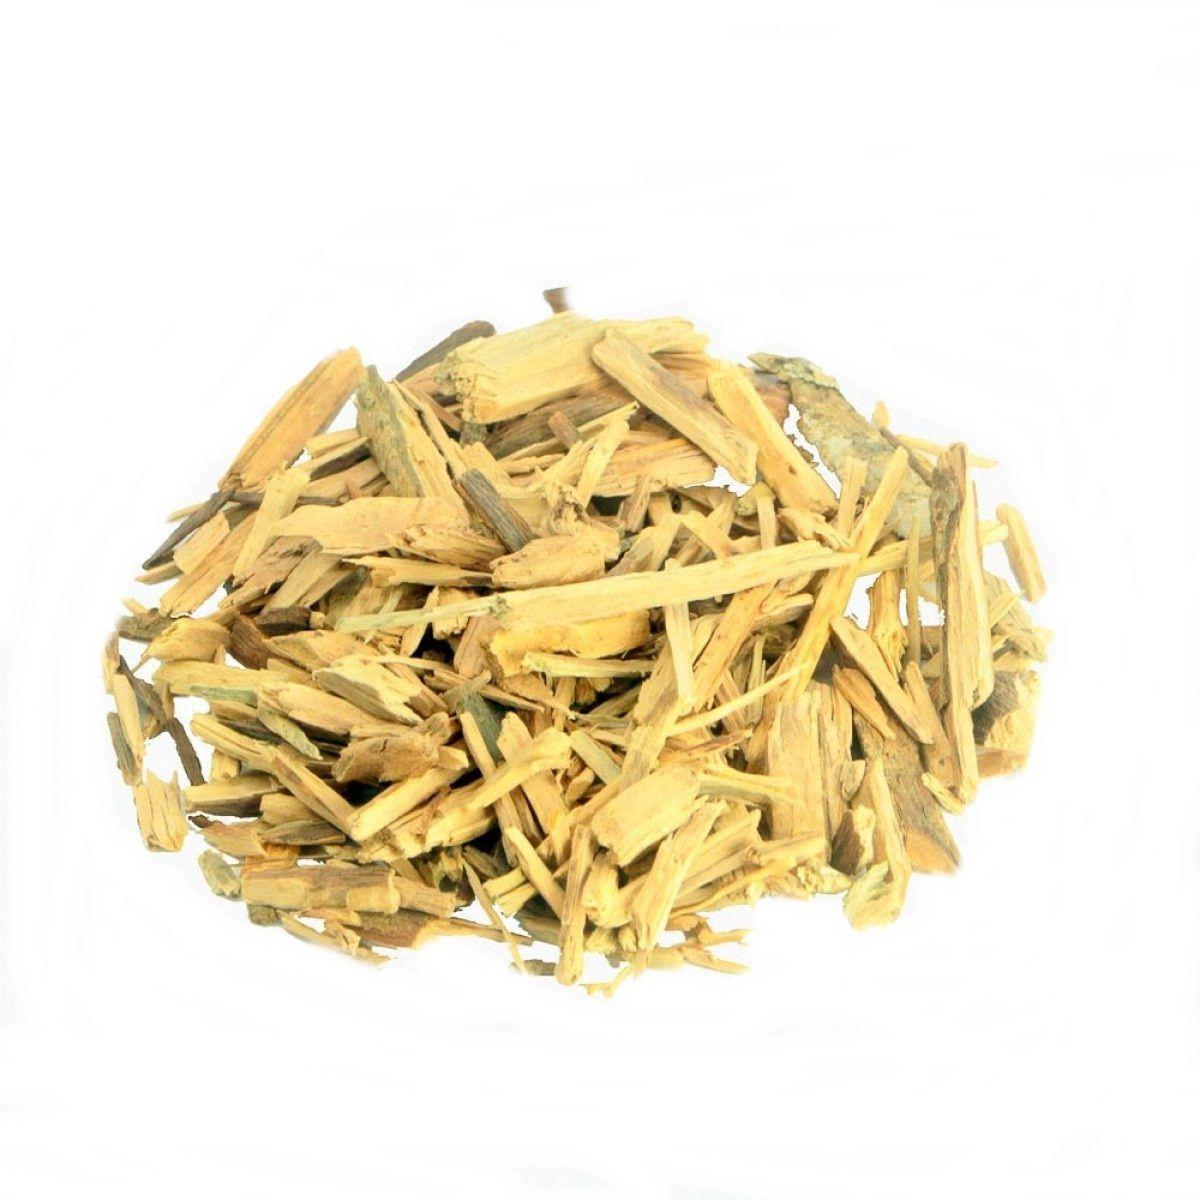 Quina Quina Chá (Coutarea Hexandra)